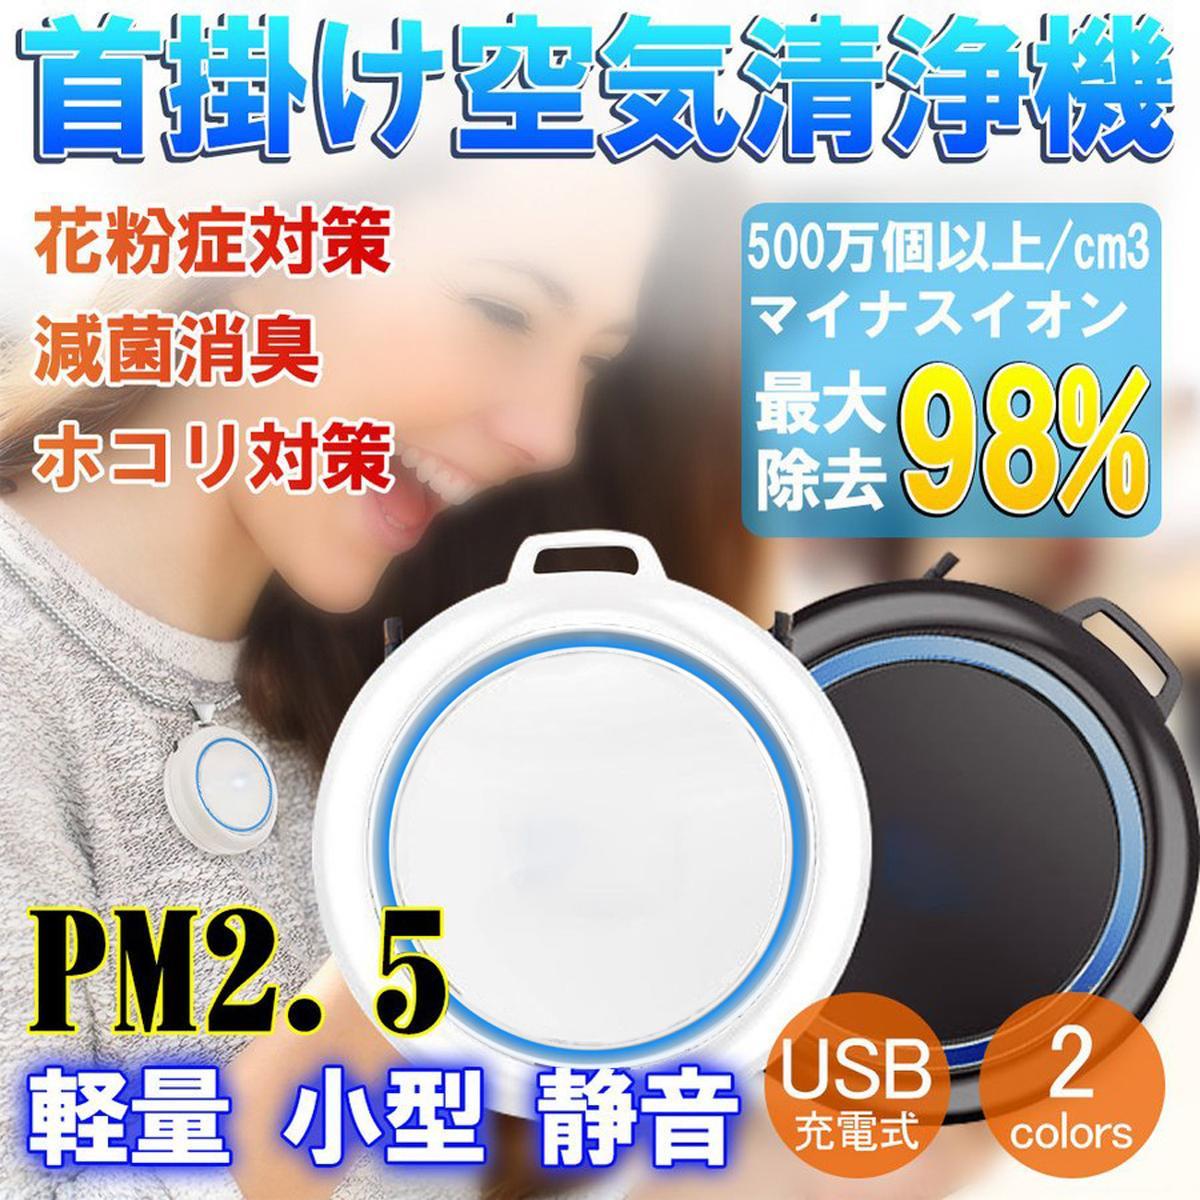 首掛け 空気清浄機 携帯 小型 花粉 除菌 ウイルス対策 コロナ対策